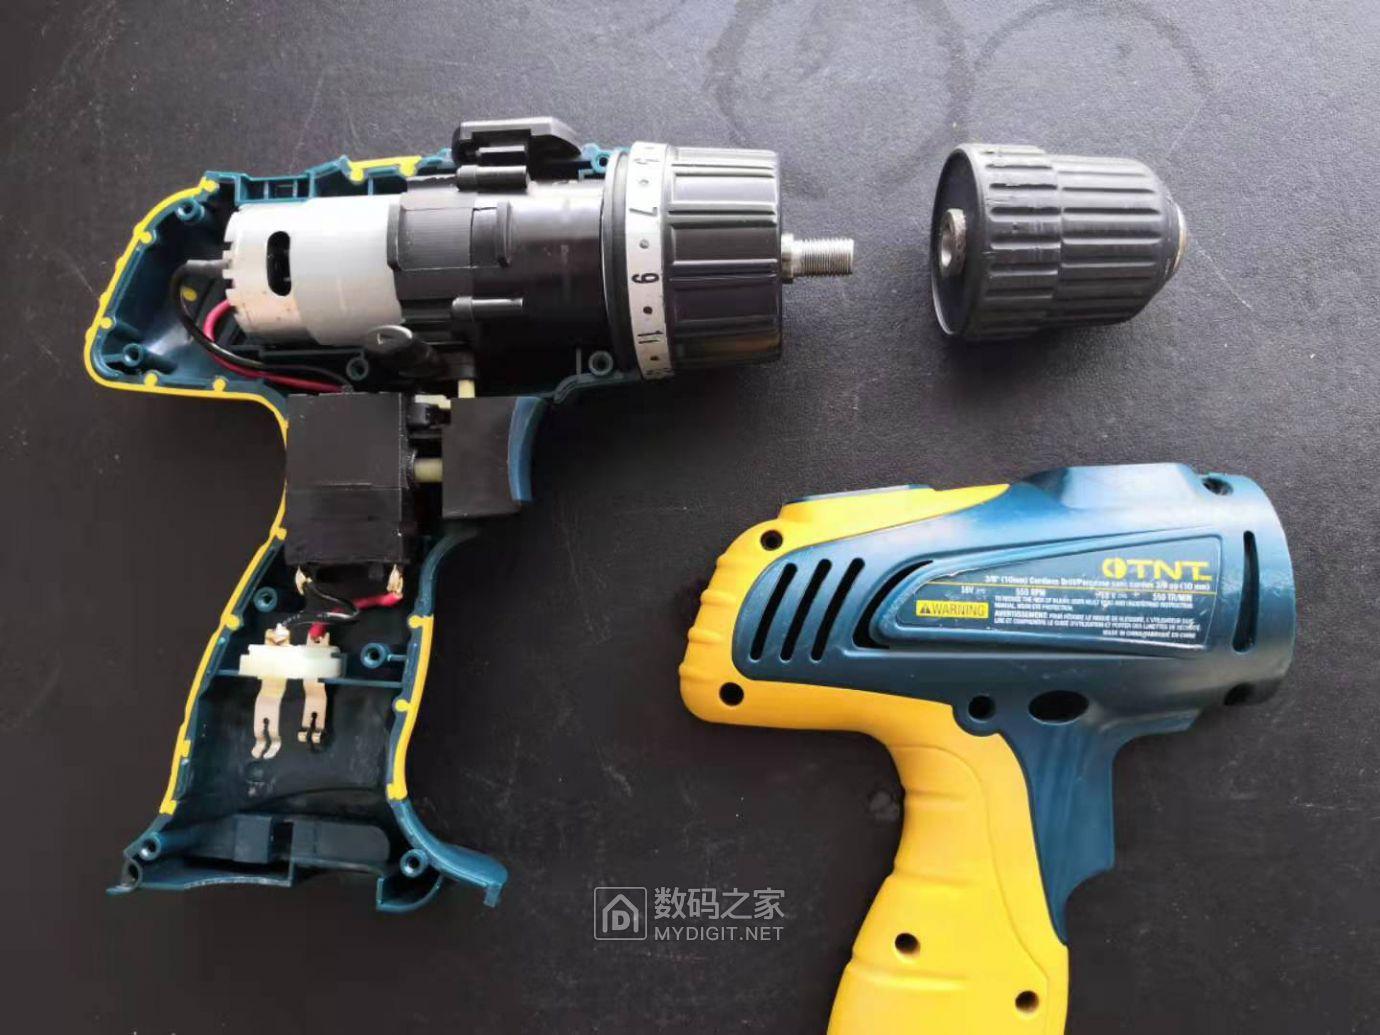 便宜的和贵的手电钻拆解对比(HITACHI DV180L VS TNT) 好货大家谈 第8张